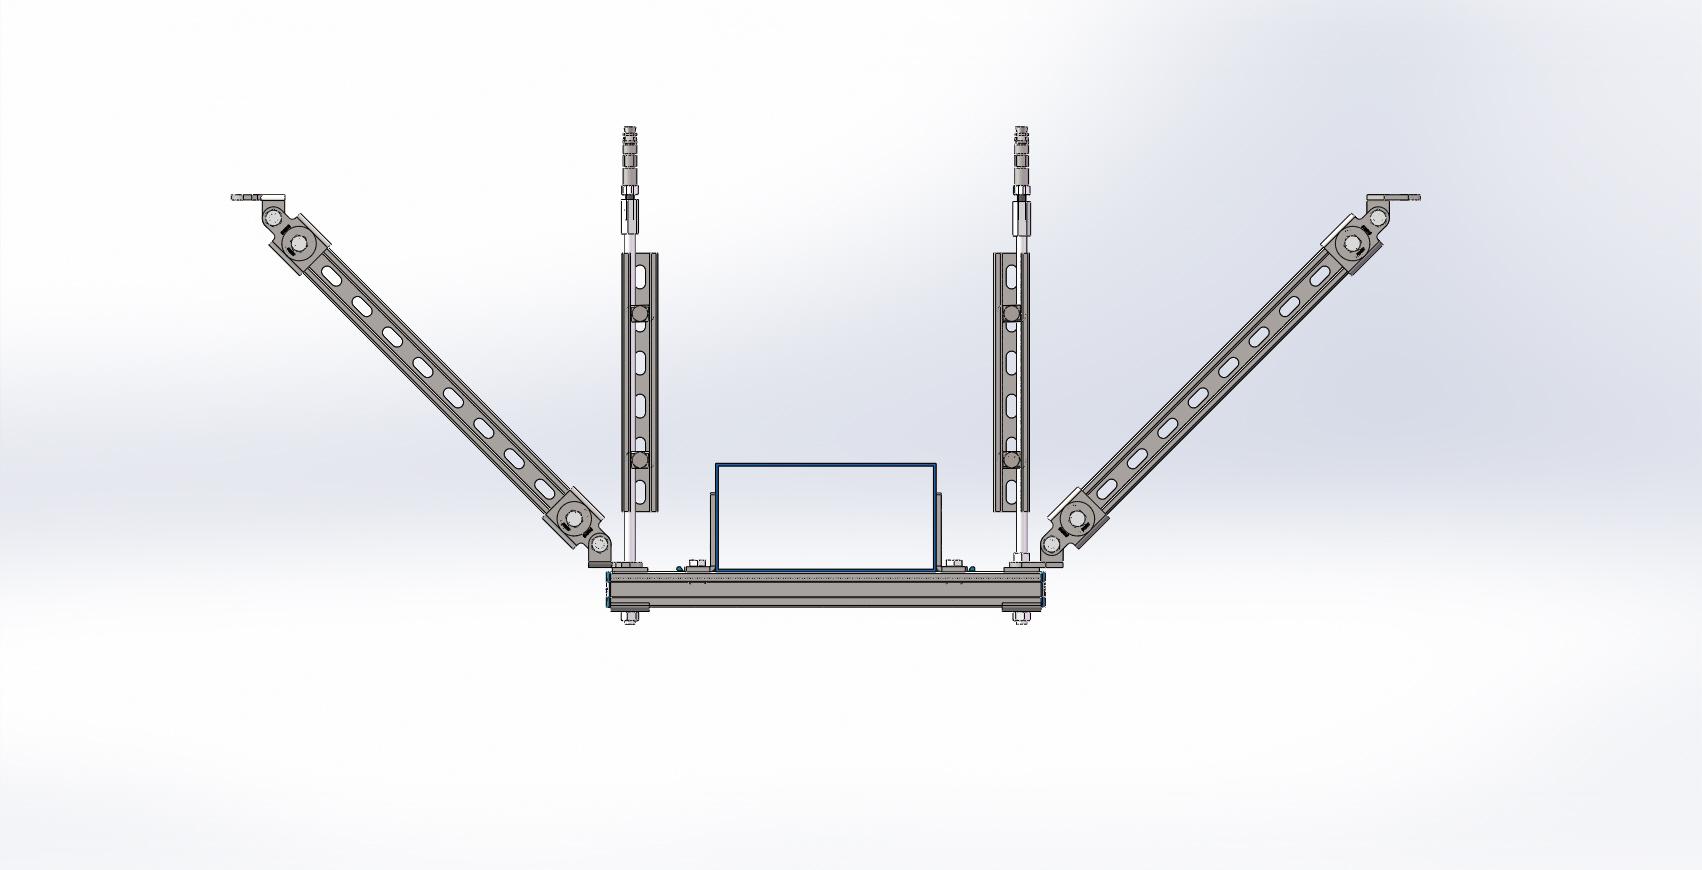 電纜橋架側向抗震支架.JPG